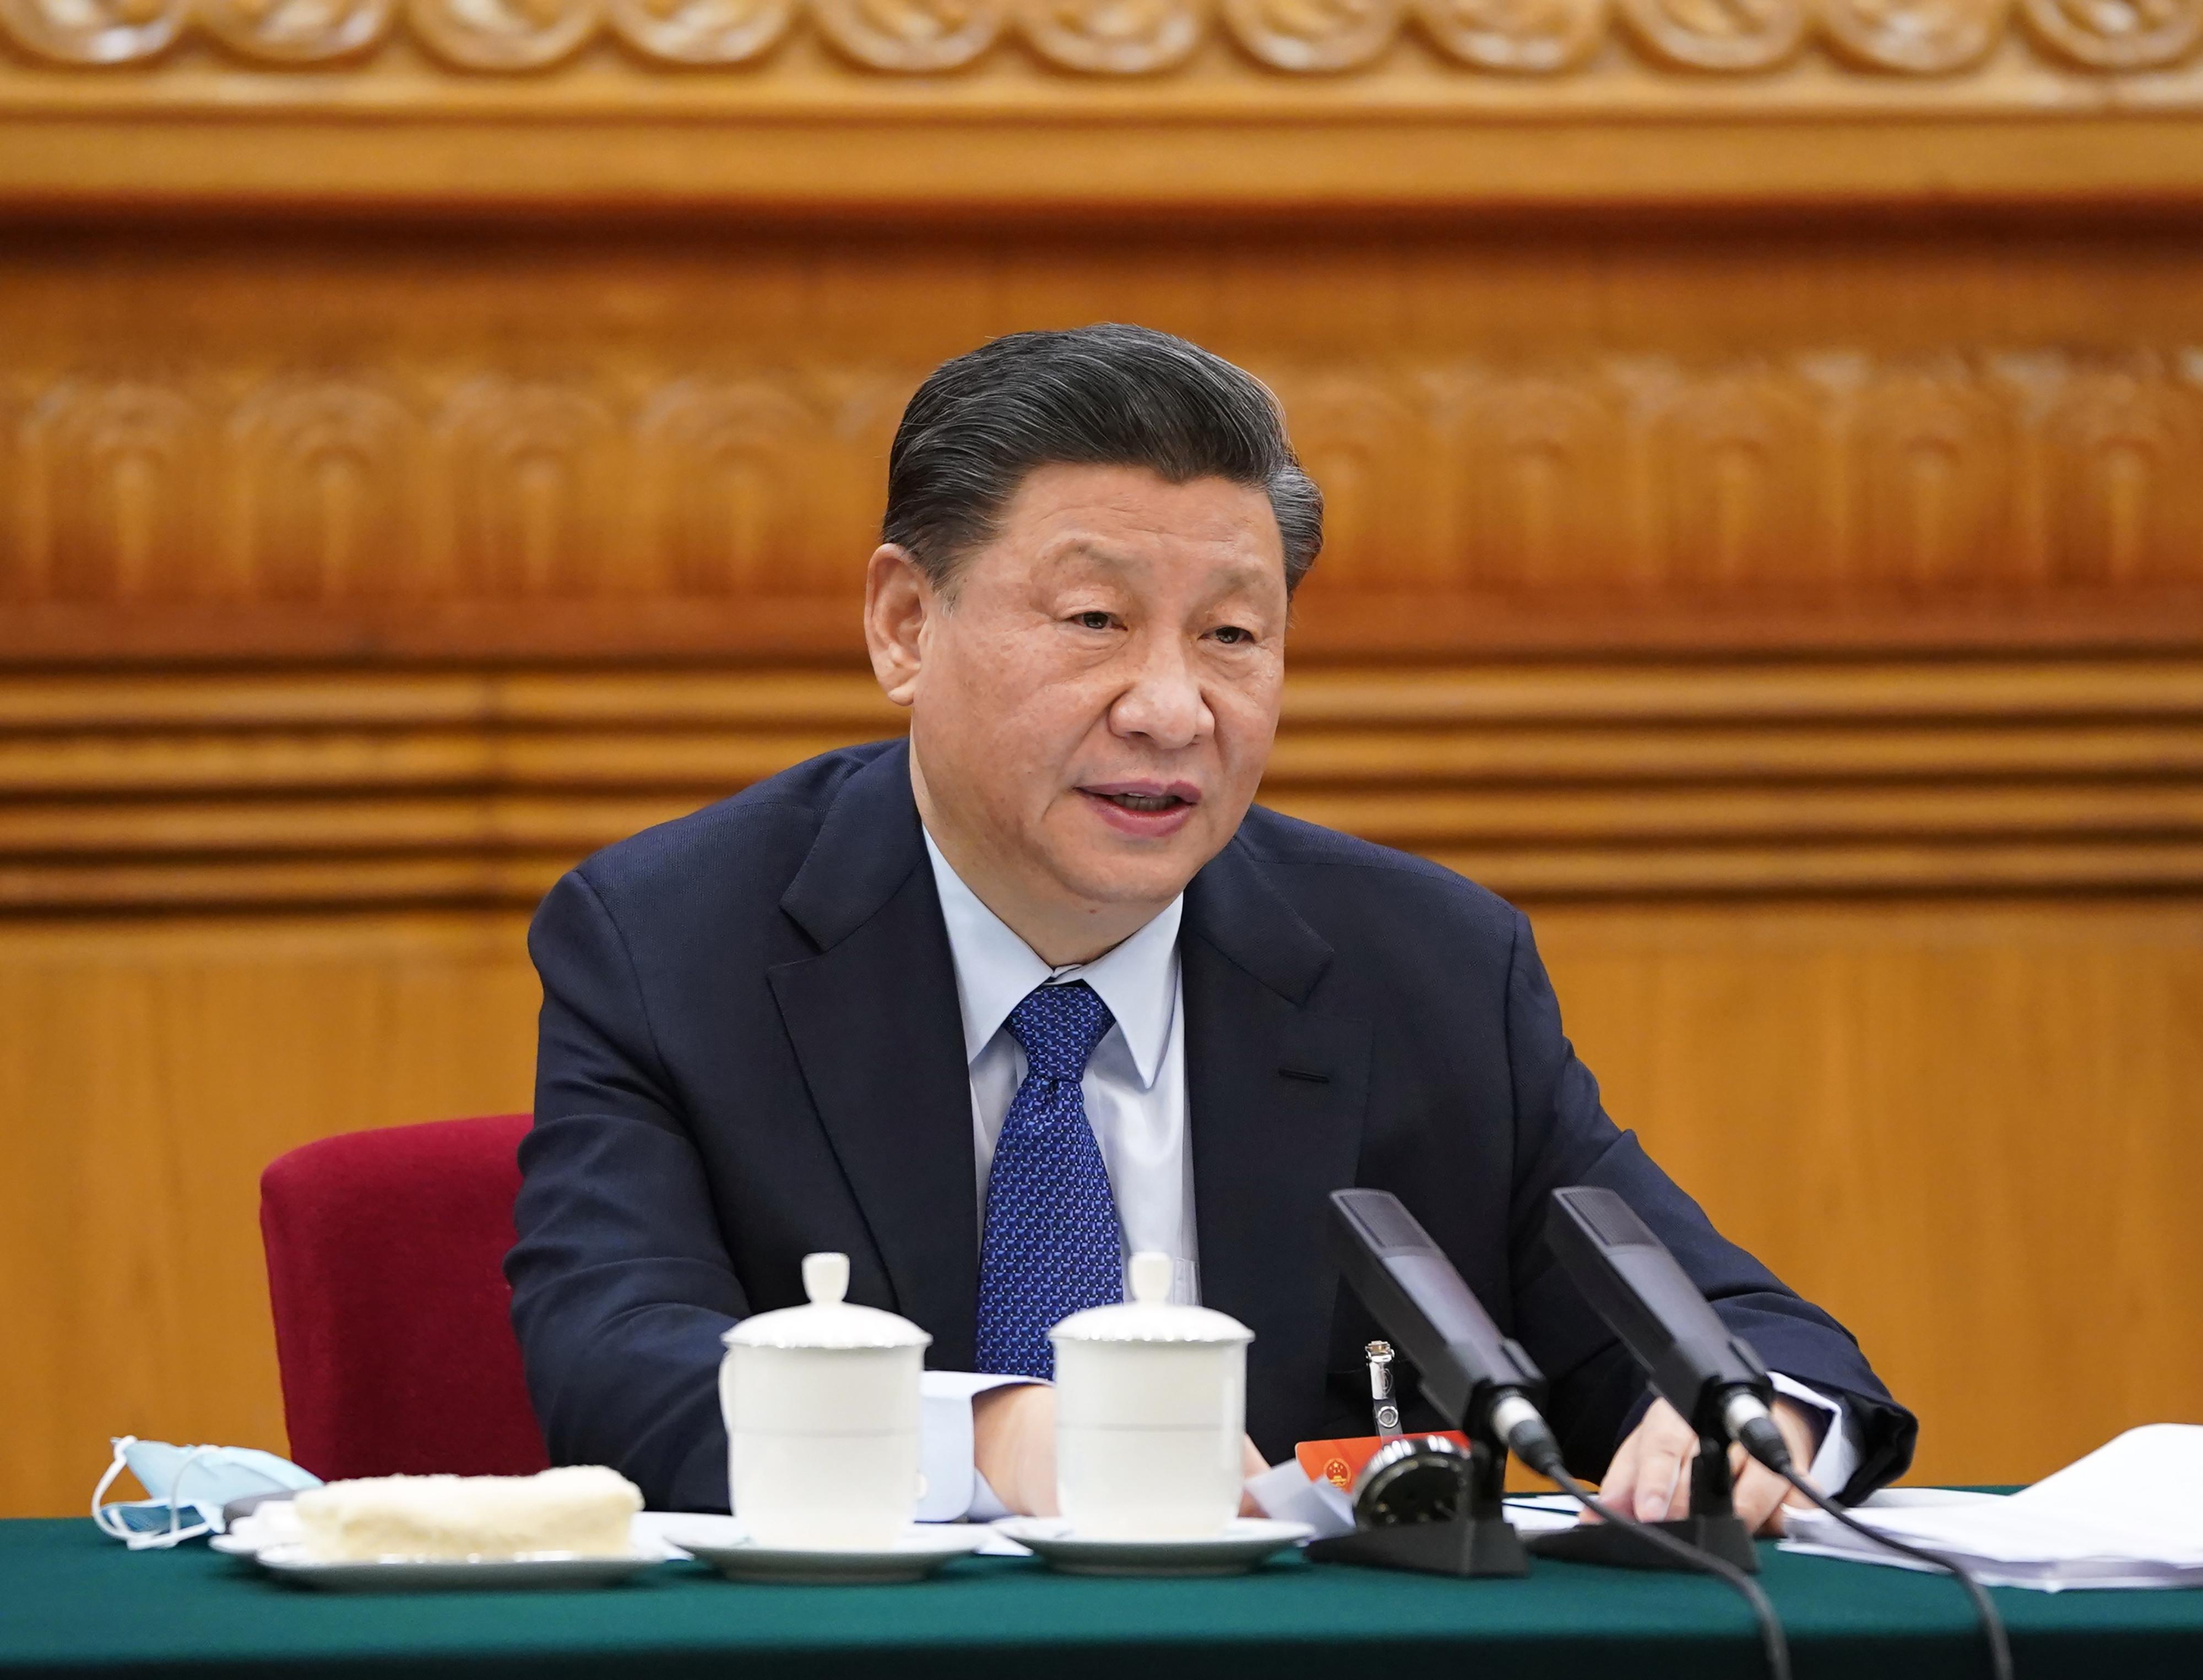 吴必胜奉顺英国语 英国新首相